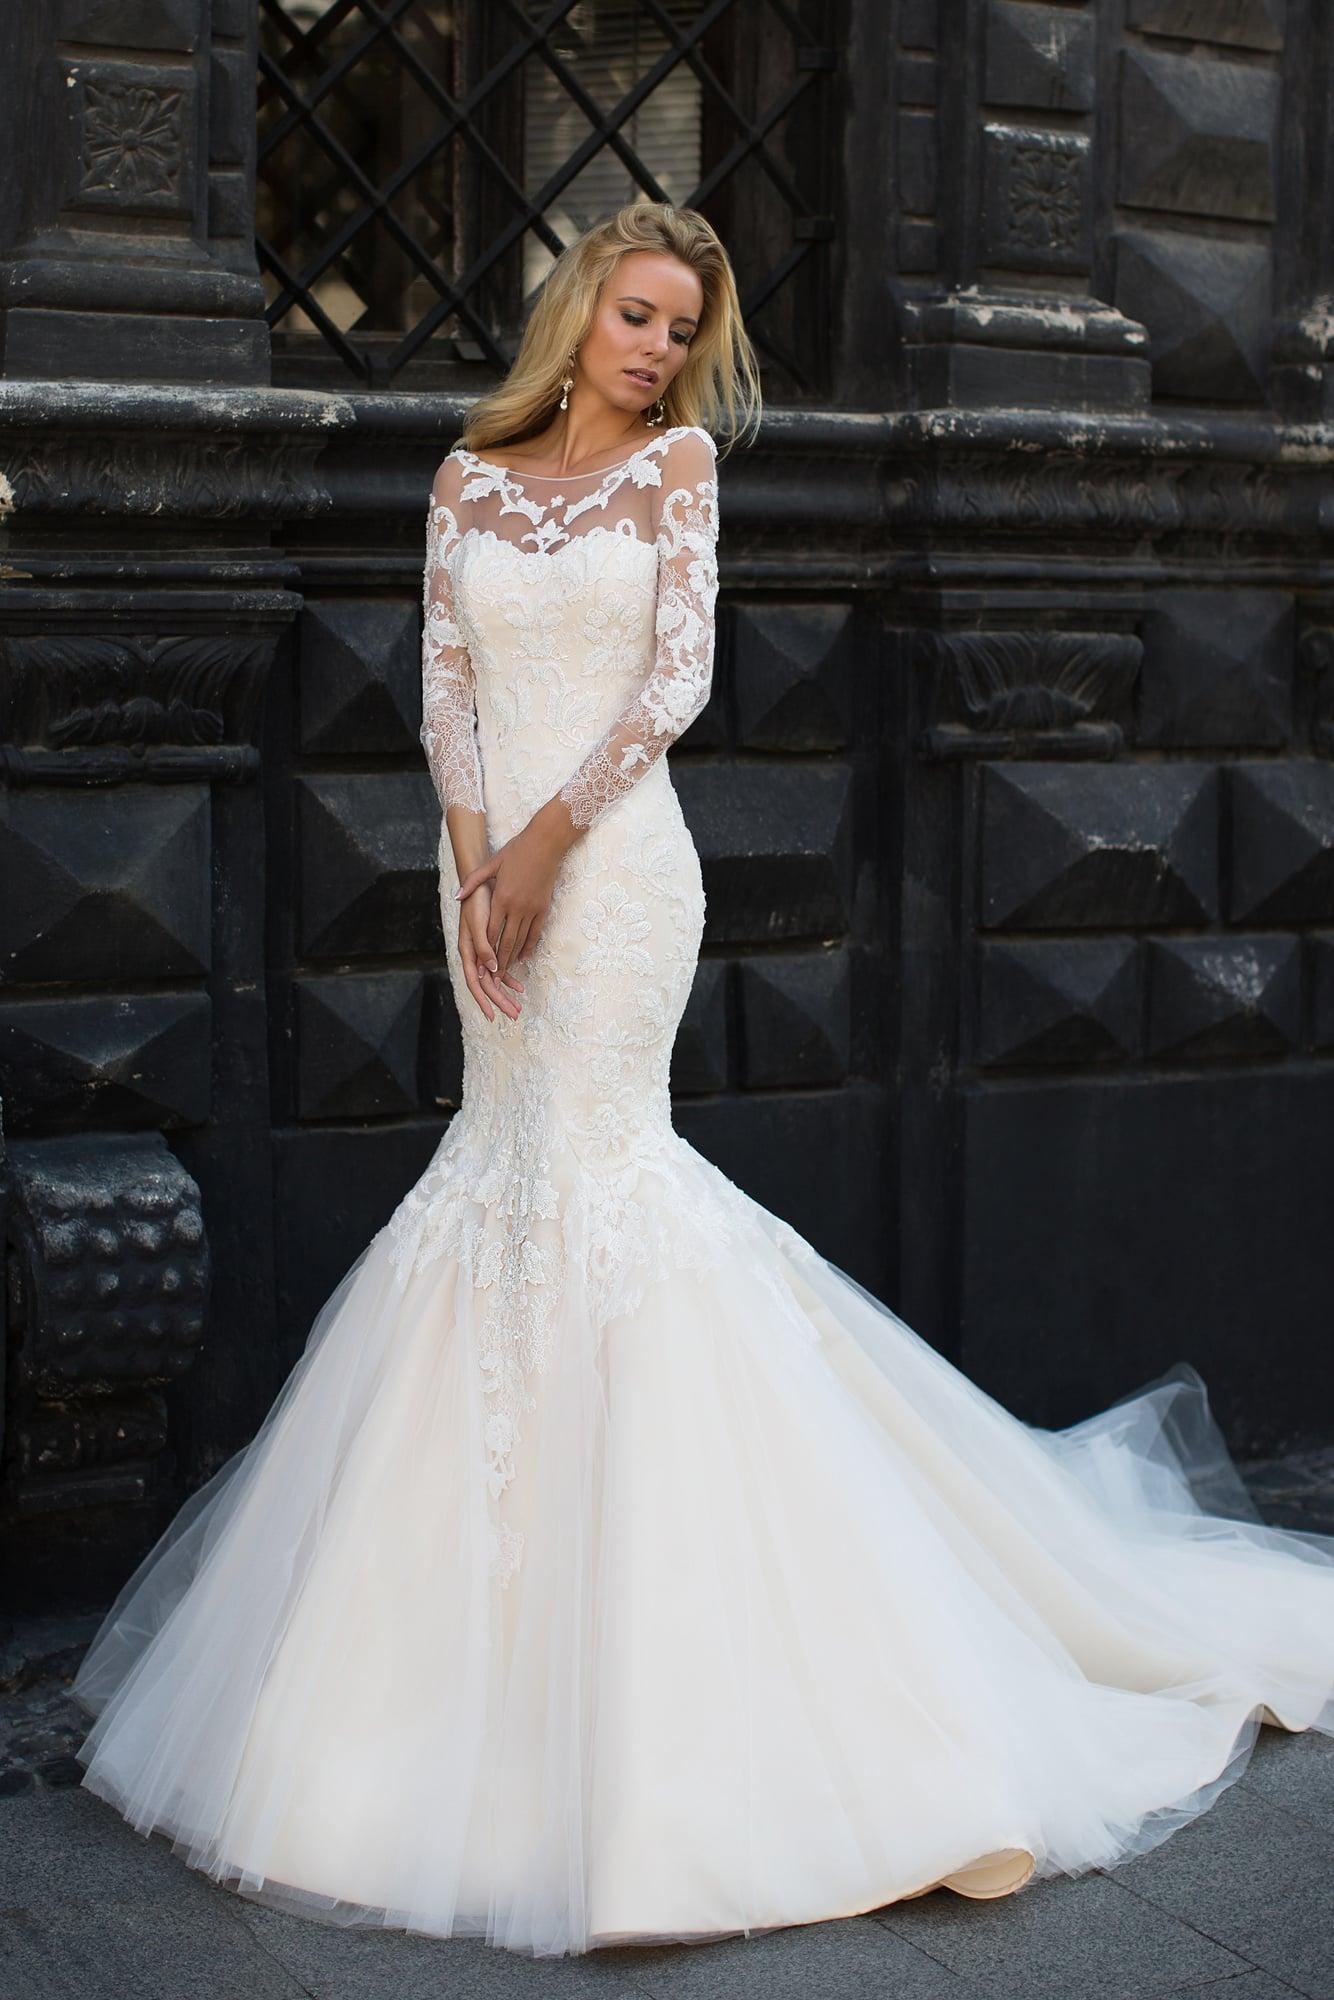 36d5119e562 Пудровое свадебное платье «русалка» с вырезом лодочкой и длинными  кружевными рукавами.